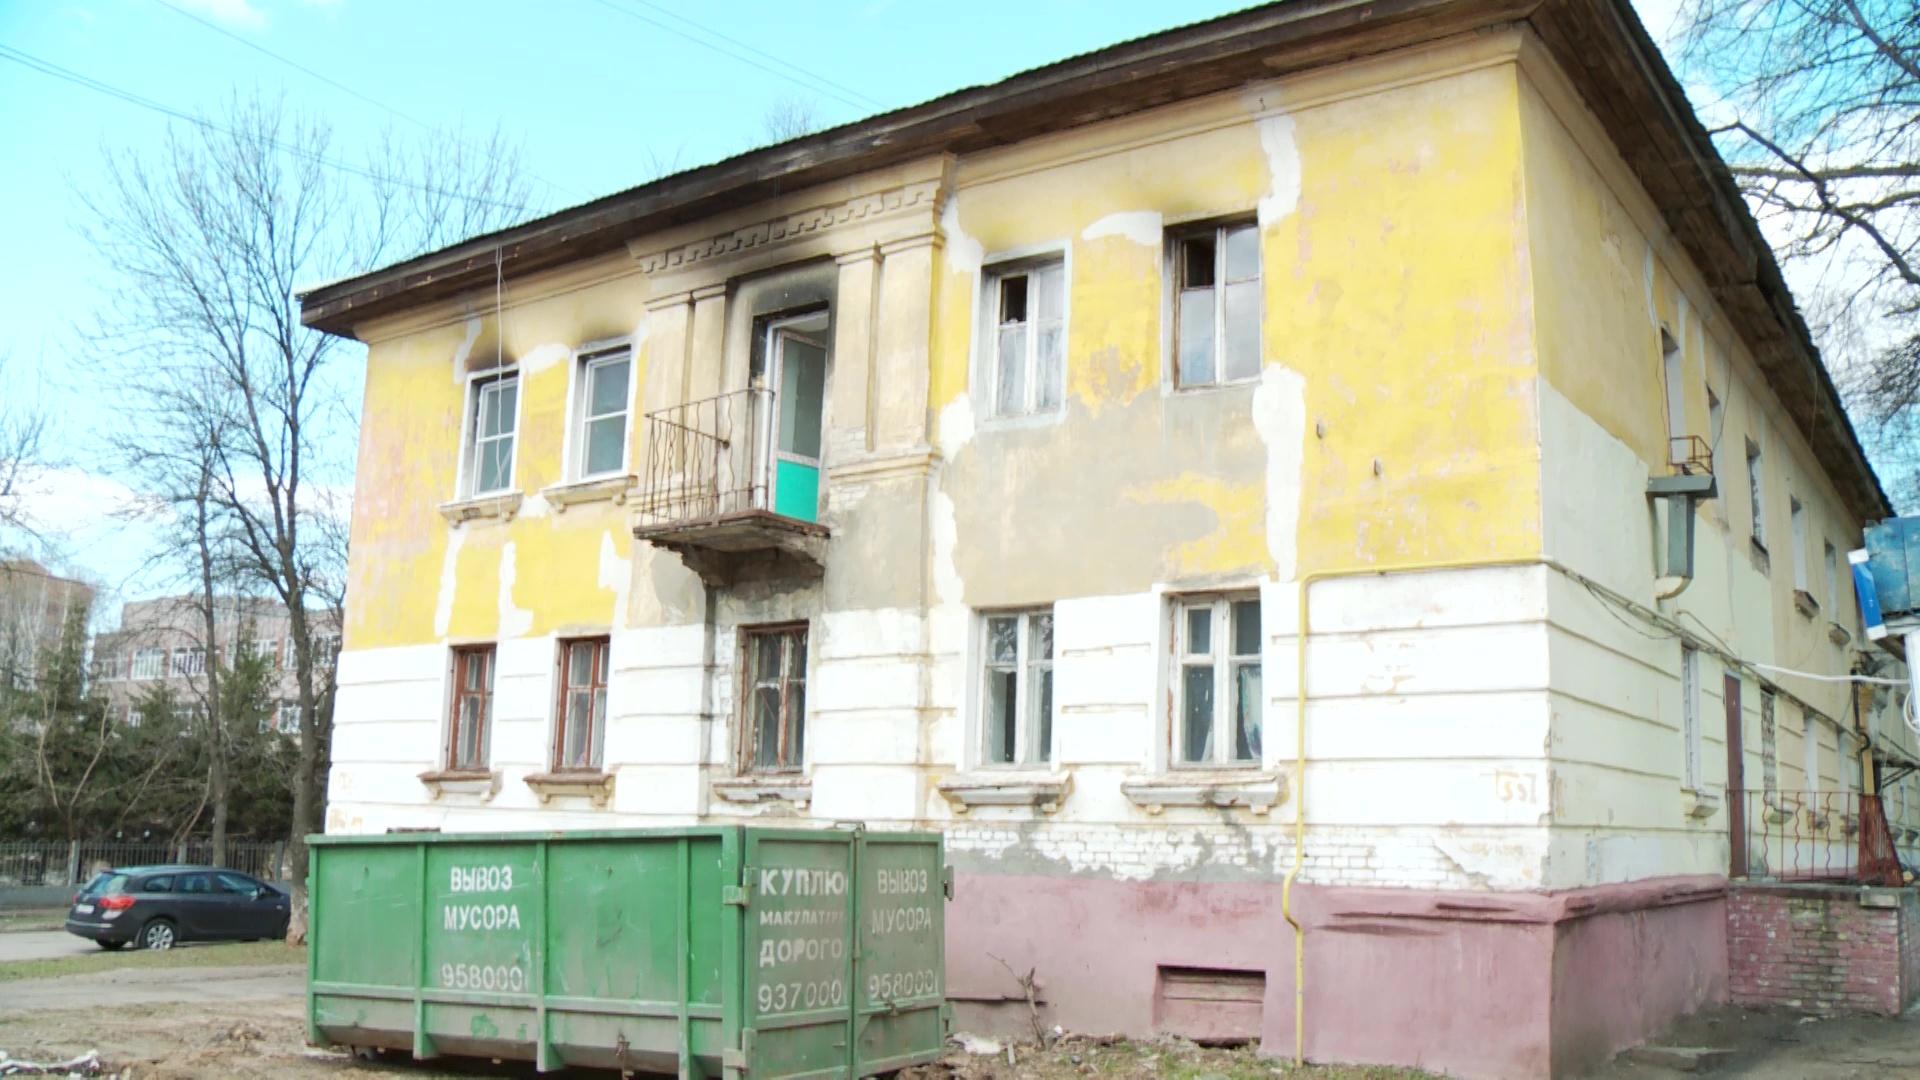 В Ярославле восстанавливают дом на Зелинского, который пострадал от пожара